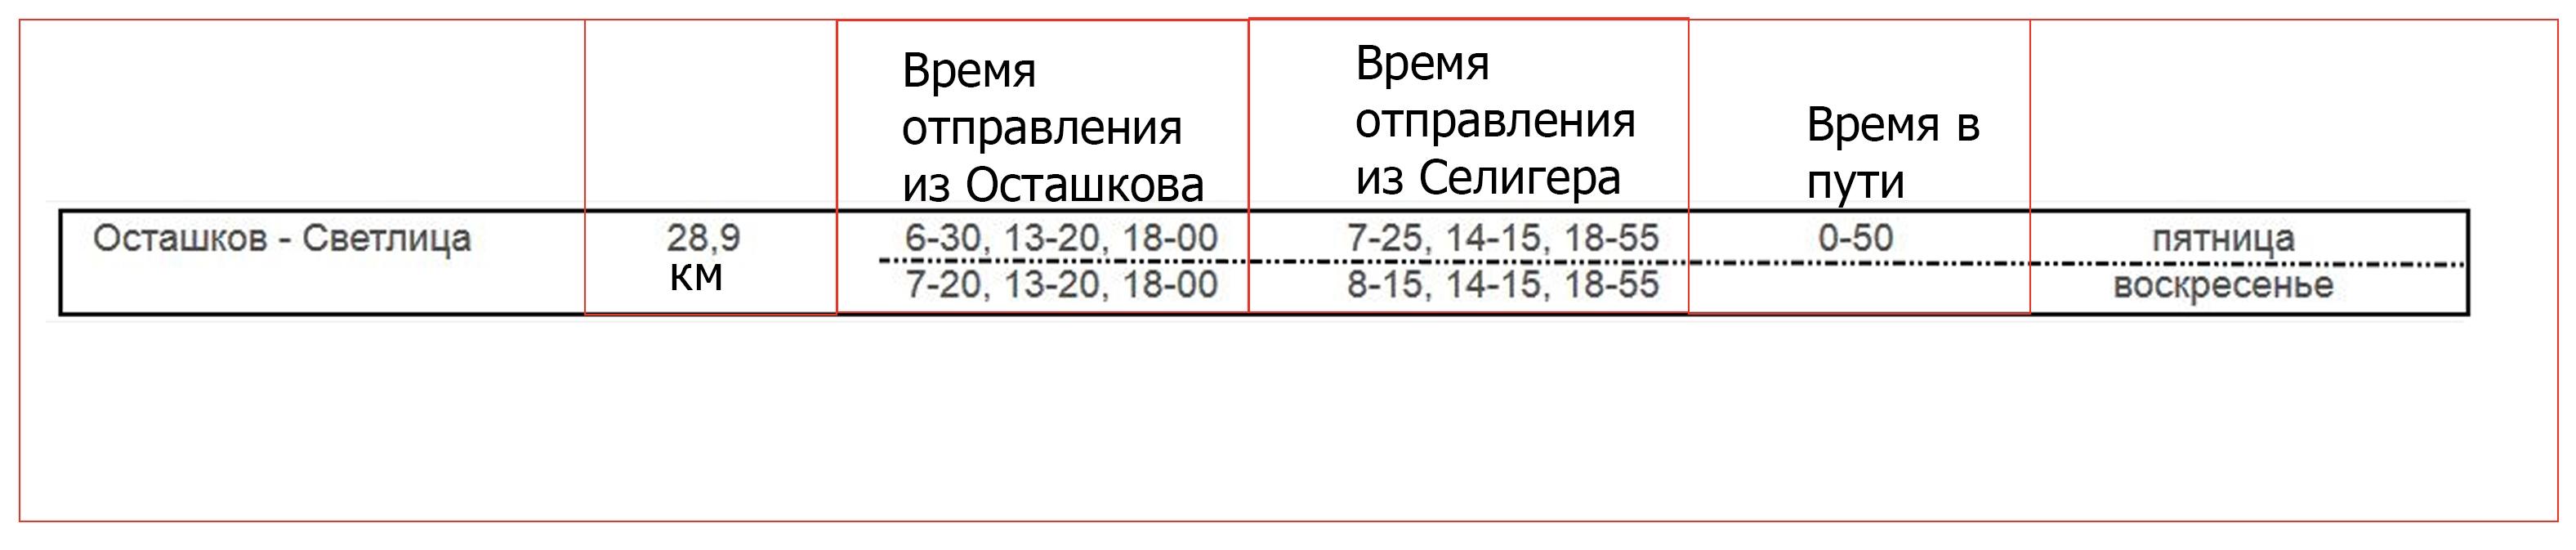 http://img-fotki.yandex.ru/get/6830/17259814.12/0_88fb9_eacc0267_orig